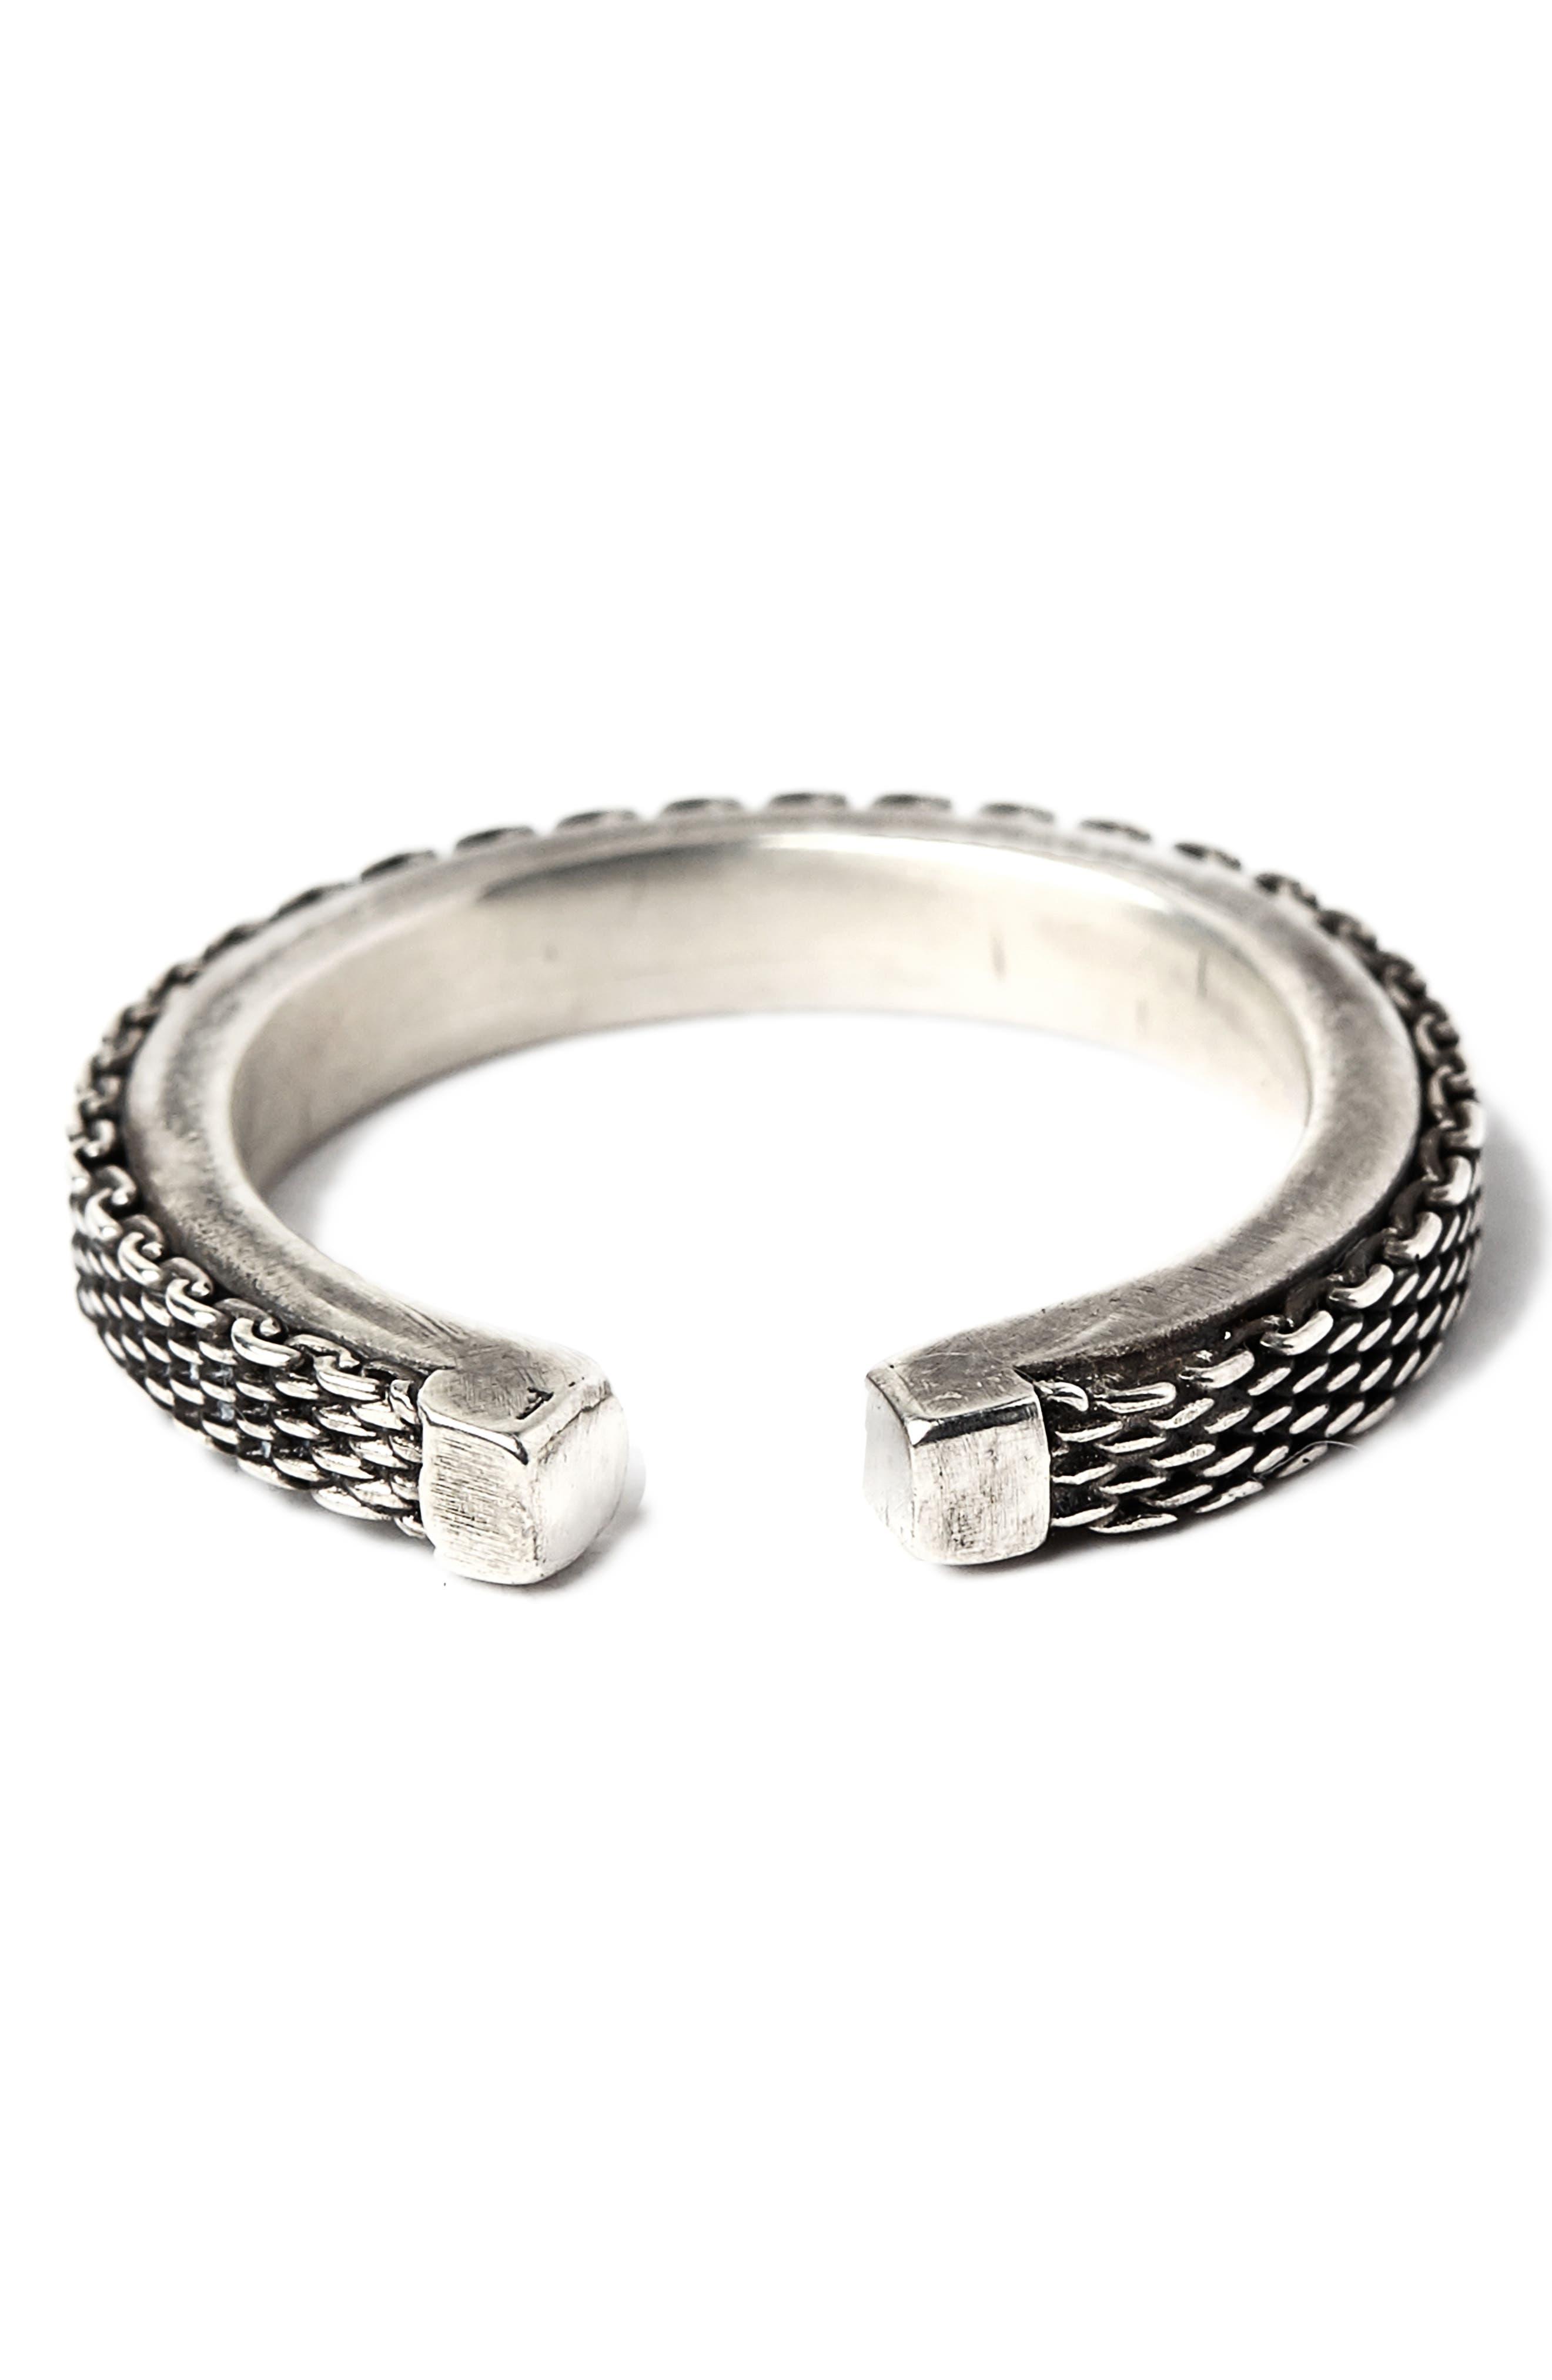 Adjustable Micro Mesh Ring,                             Main thumbnail 1, color,                             Silver